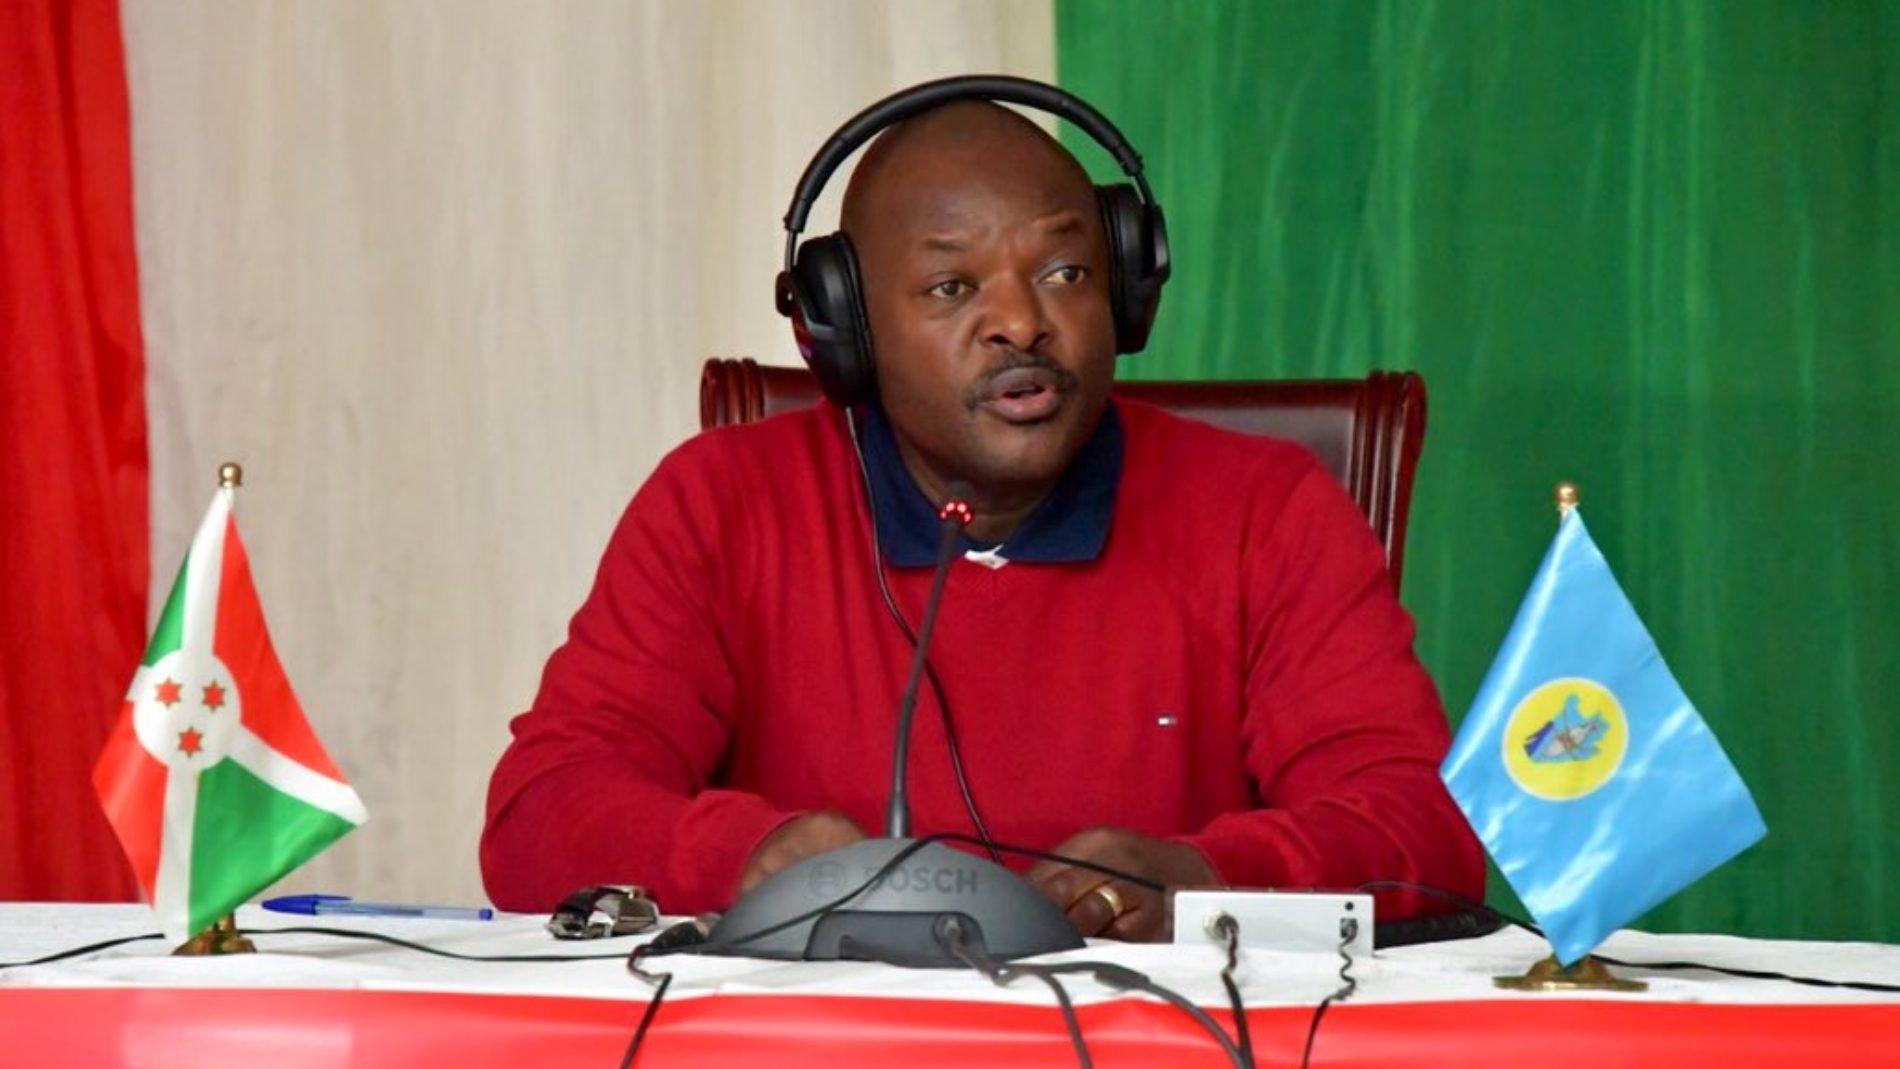 Le président Nkurunziza dresse un bilan positif de ses 15ans de pouvoir et rejette ses échecs sur la communauté internationale